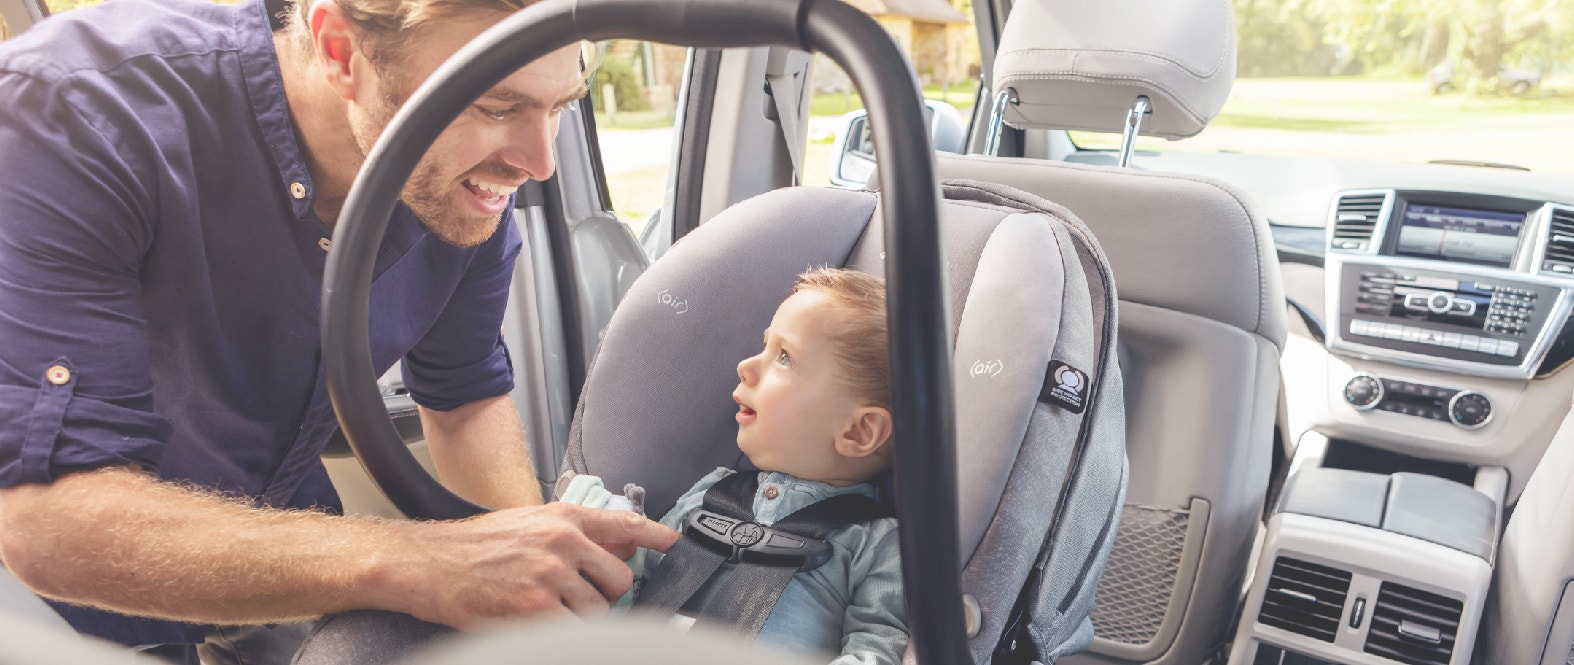 Ley de sillas/sistema de retención infantil: ¿Qué dice?